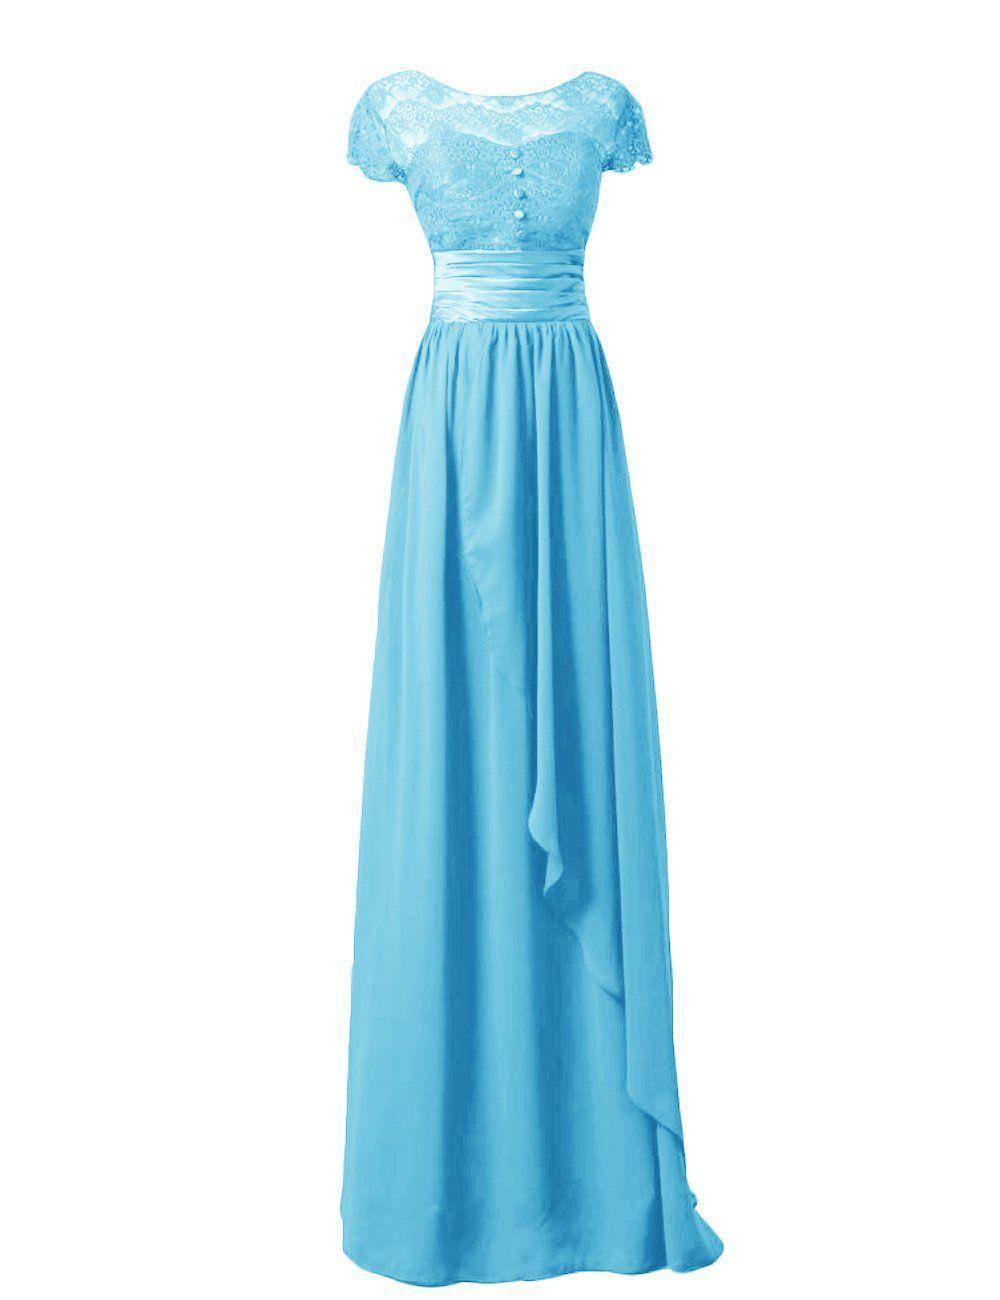 Atemberaubend Partykleider Amazon Galerie - Hochzeit Kleid Stile ...